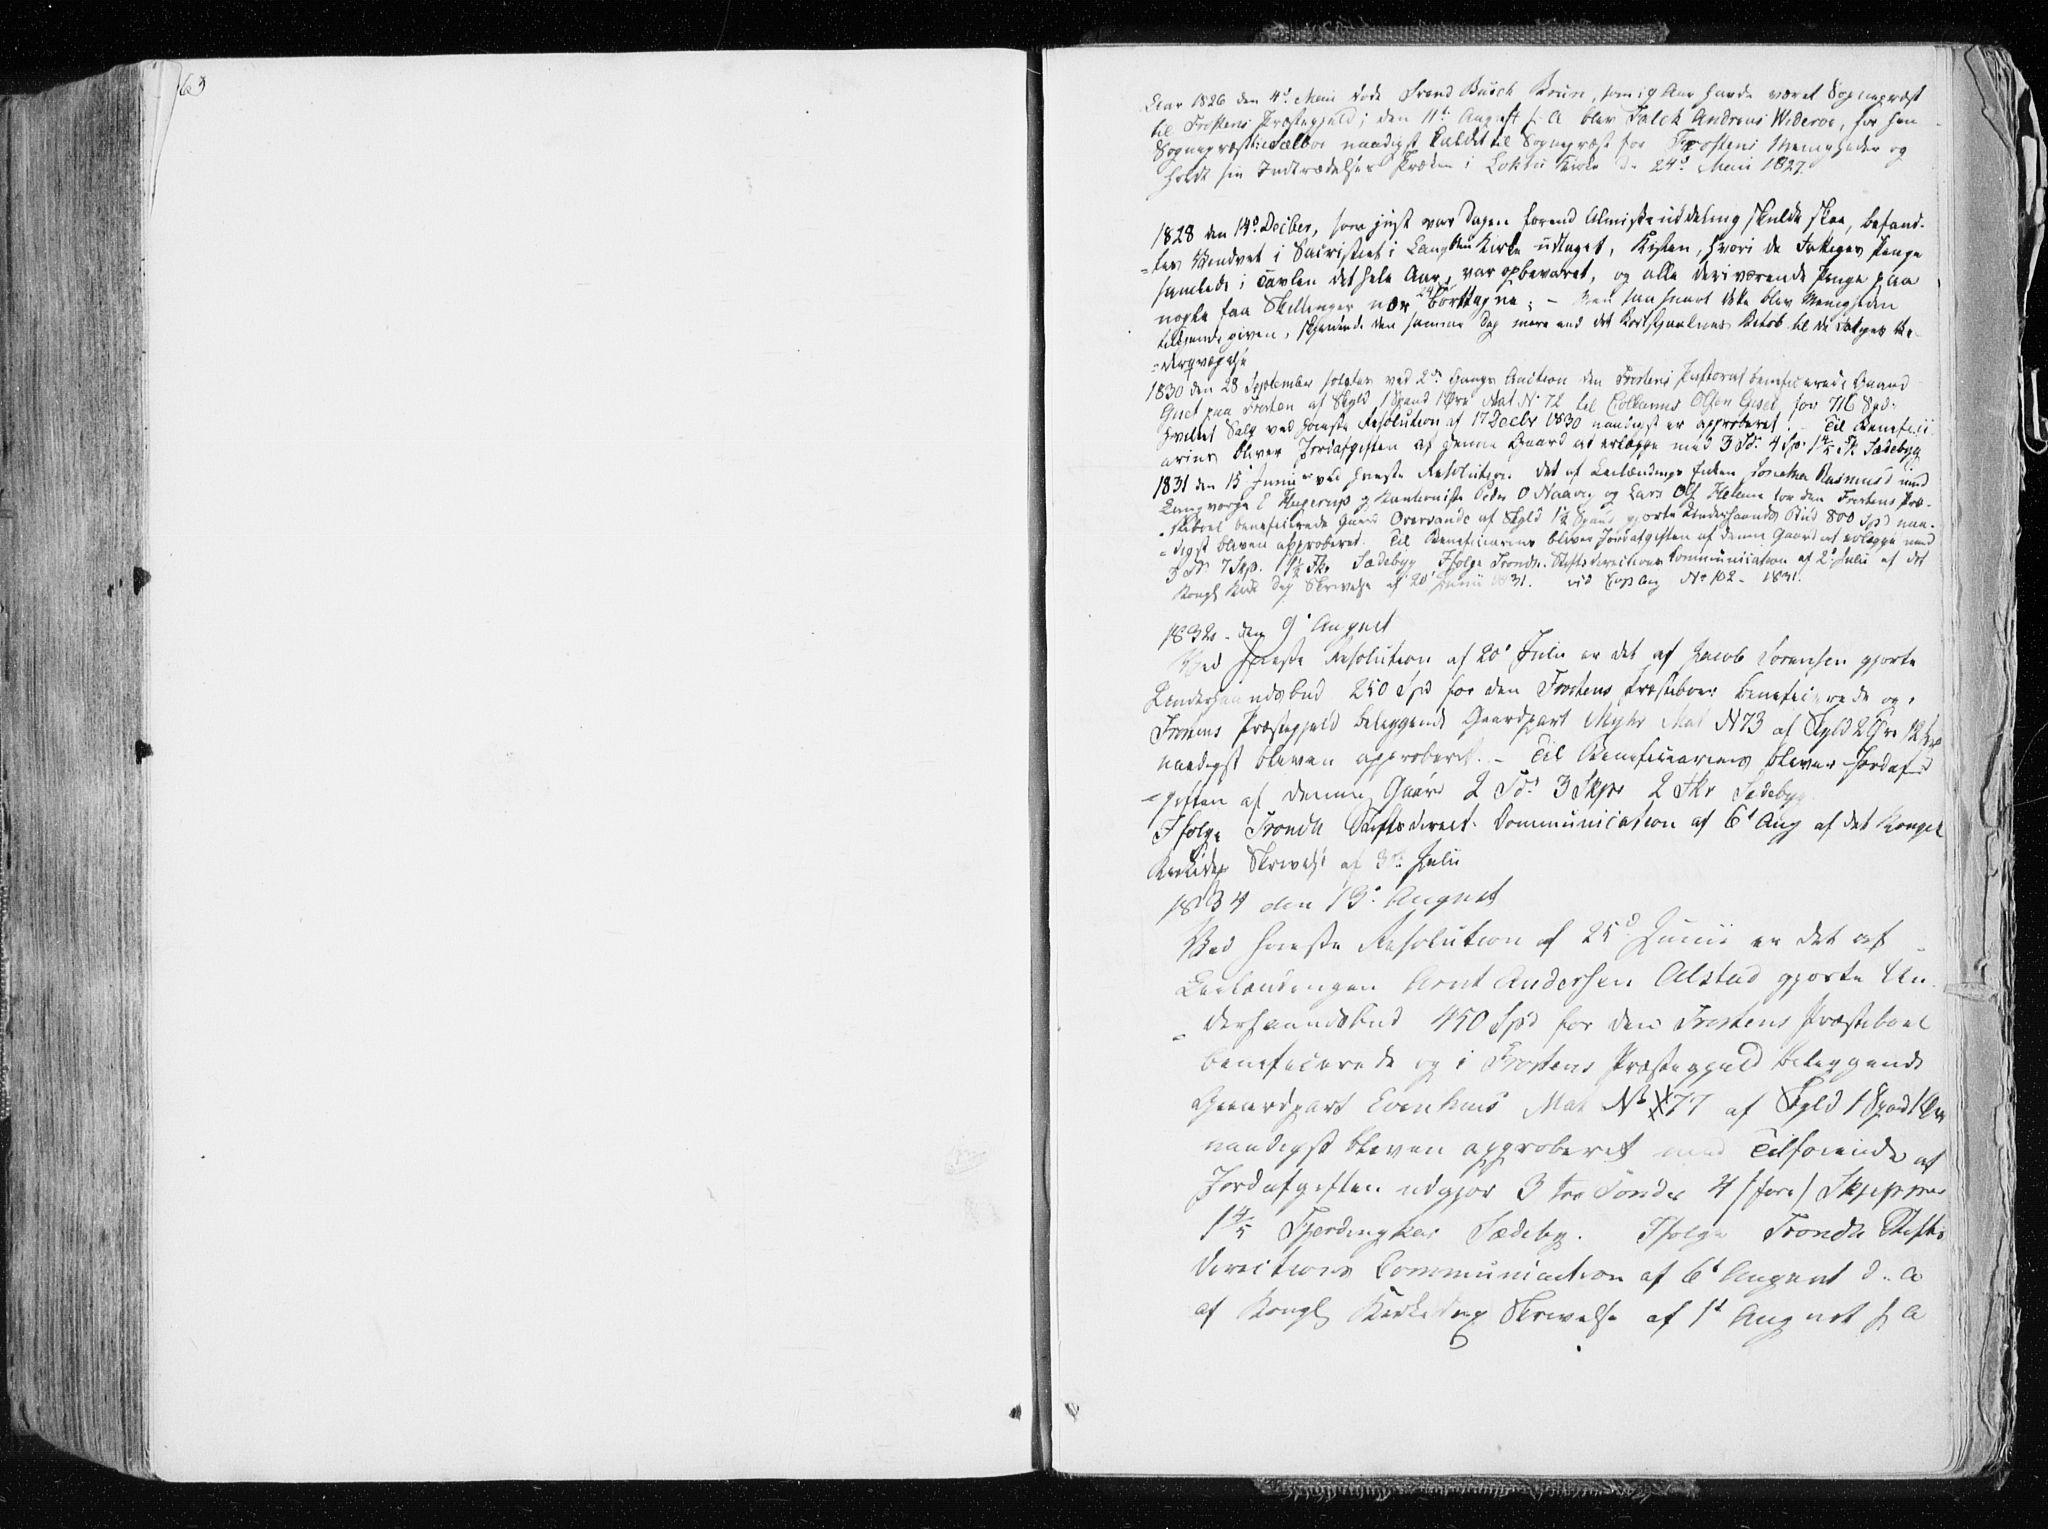 SAT, Ministerialprotokoller, klokkerbøker og fødselsregistre - Nord-Trøndelag, 713/L0114: Ministerialbok nr. 713A05, 1827-1839, s. 363